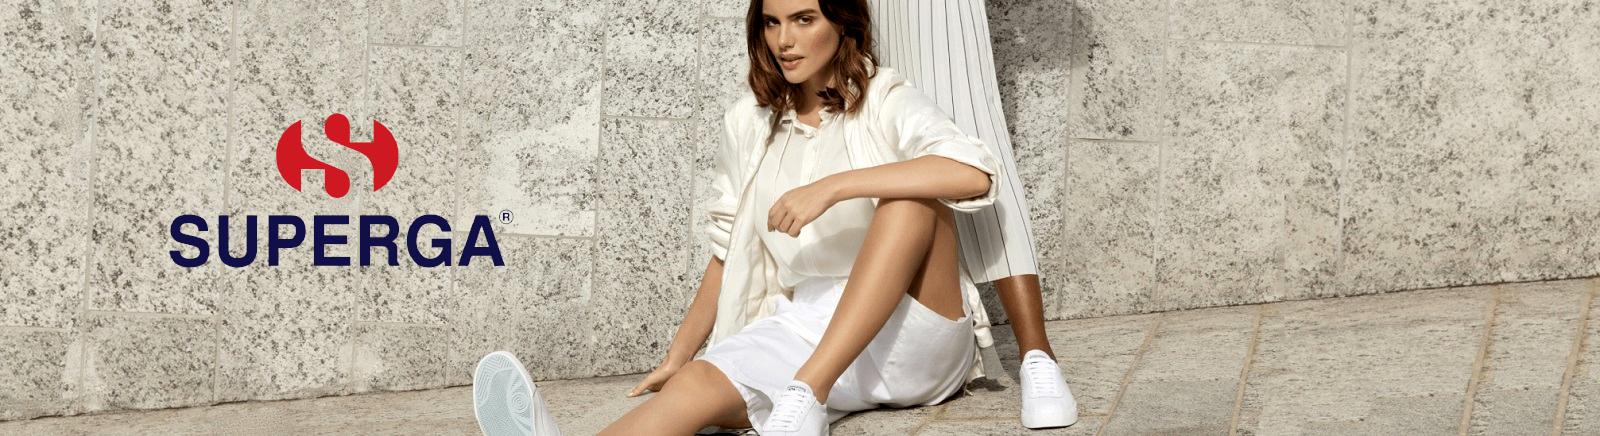 Superga Damenschuhe online kaufen im Shop von GISY